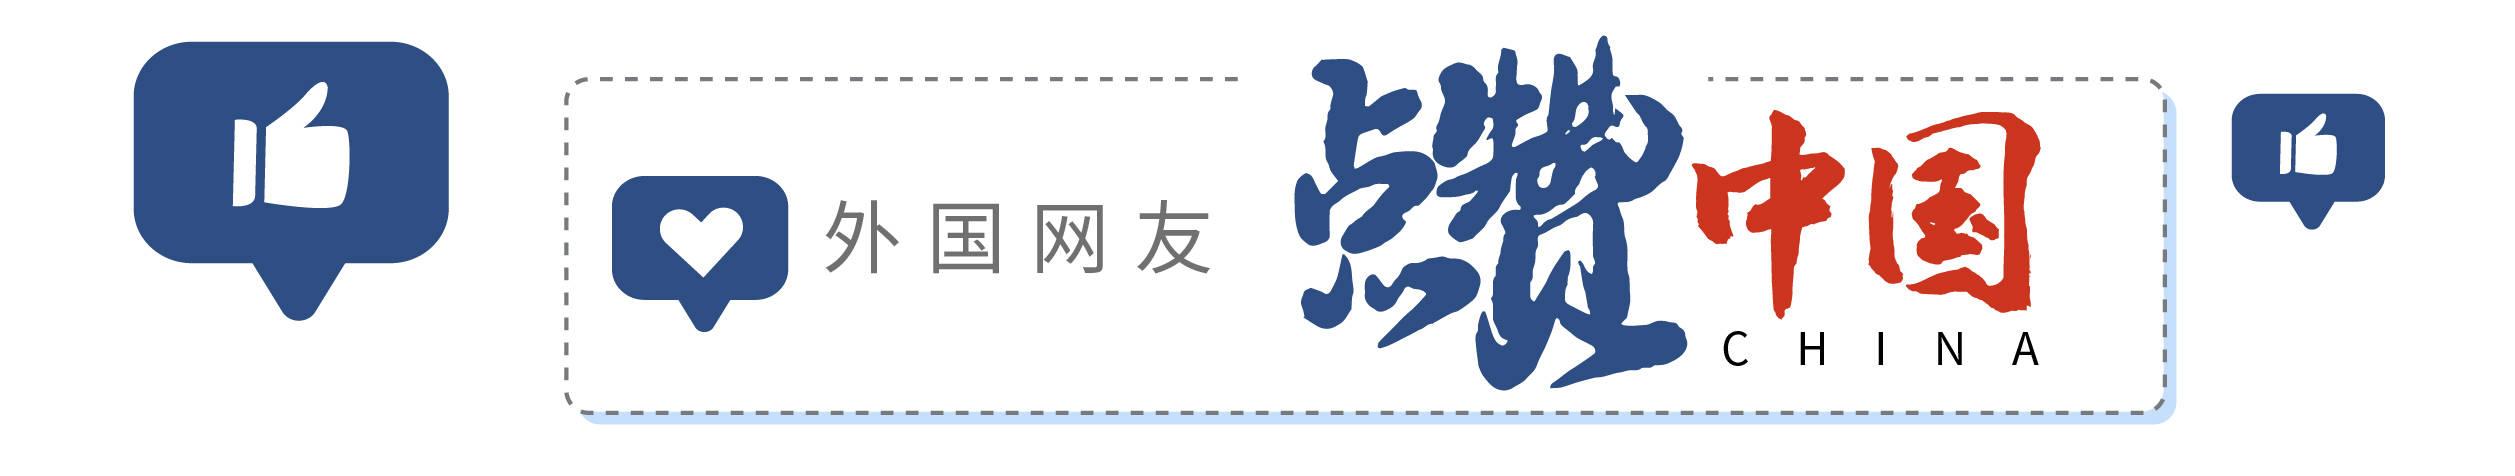 超10万人关注!这位加拿大视频博主海外平台持续讲中国见闻